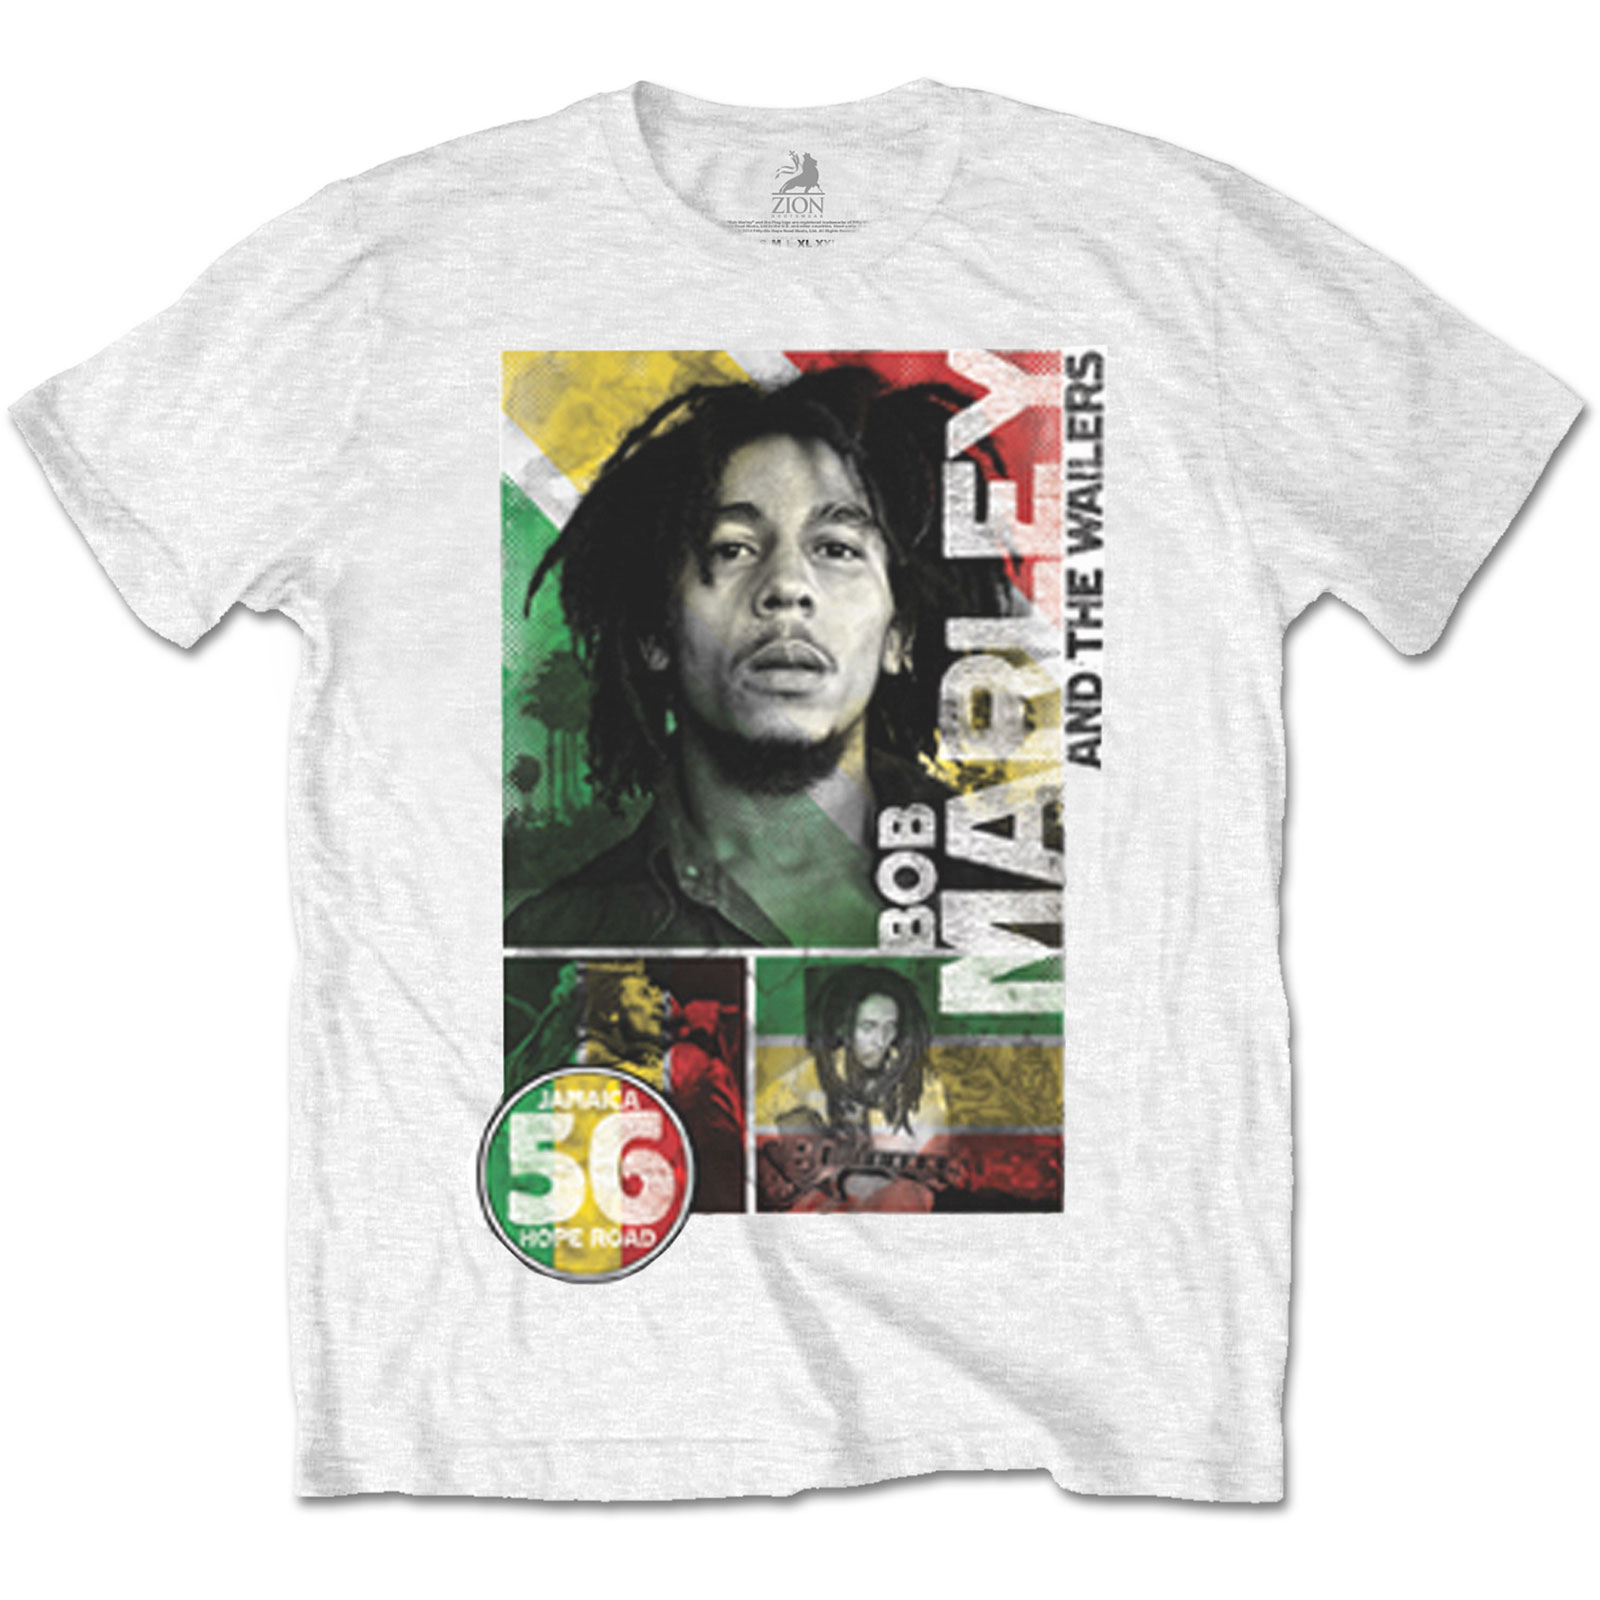 Pánske tričko Bob Marley 56 Hope Road Rasta Veľkosť: S